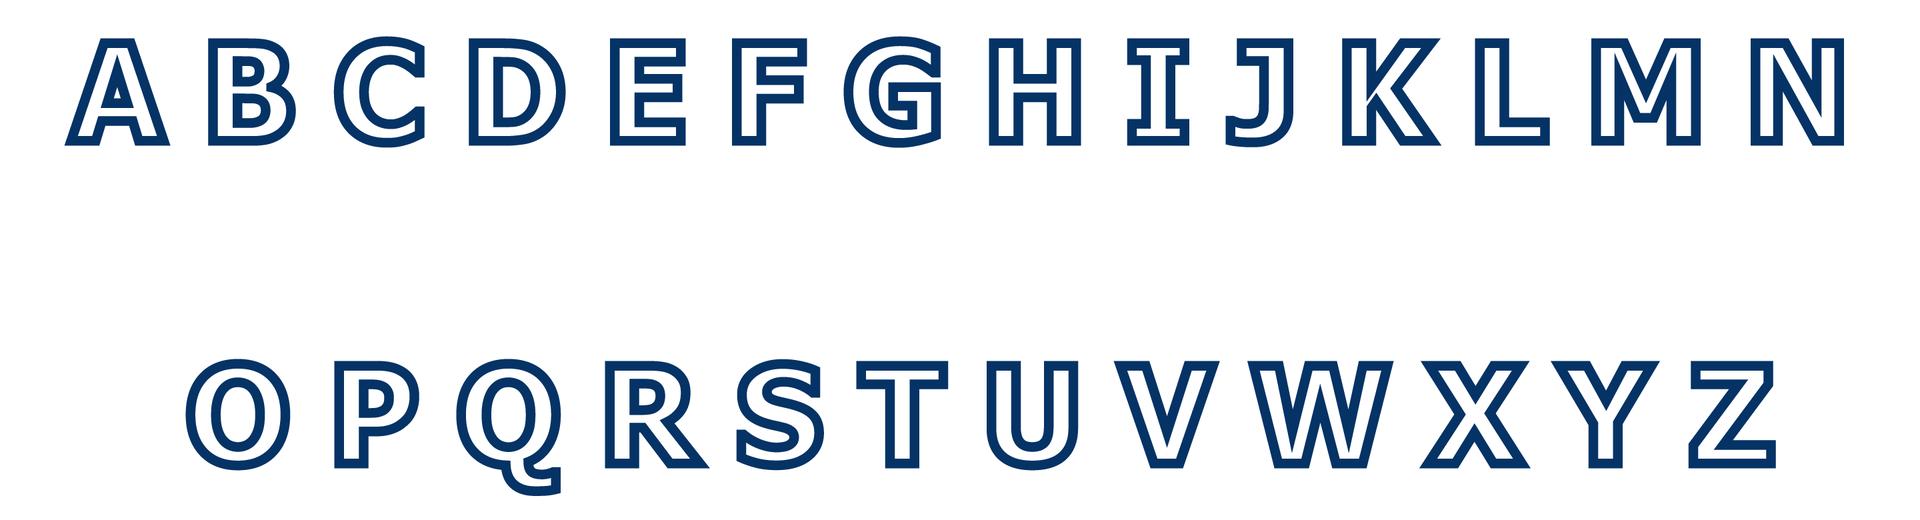 Rysunek dwudziestu sześciu kolejnych liter alfabetu łacińskiego.